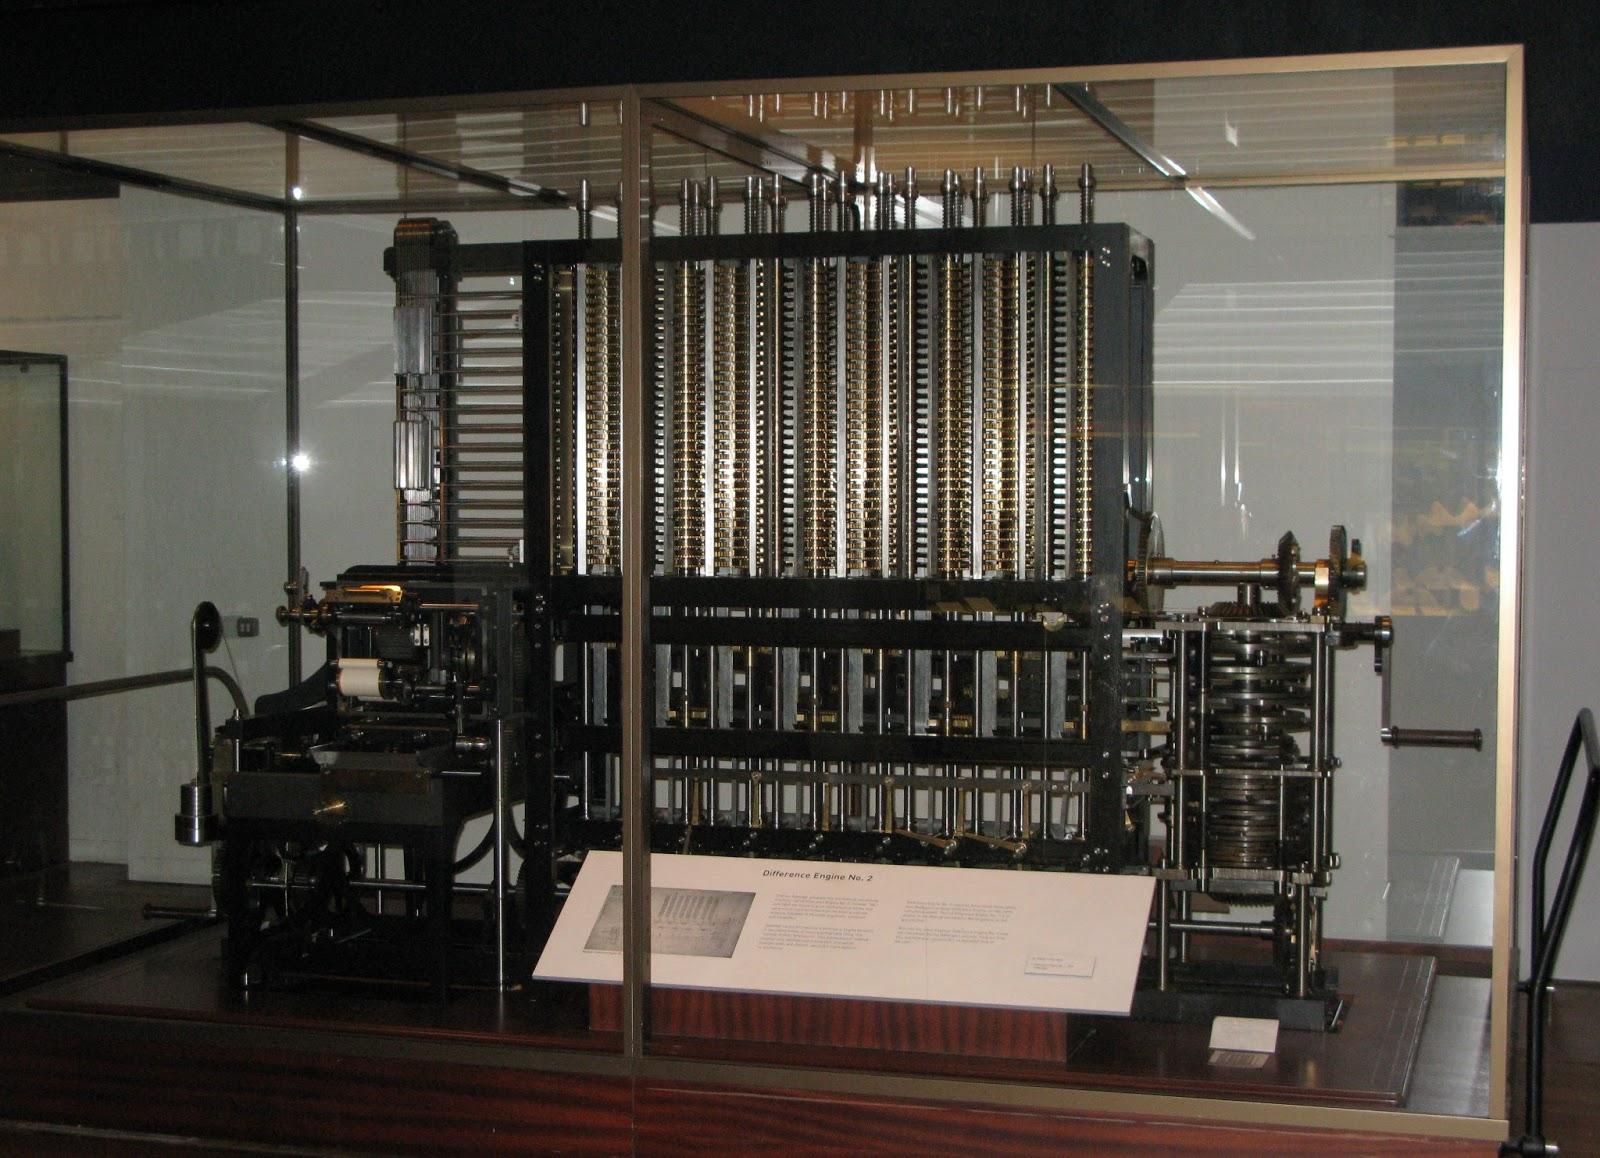 Livèpe: [História da computação] Máquina diferencial de Babbage